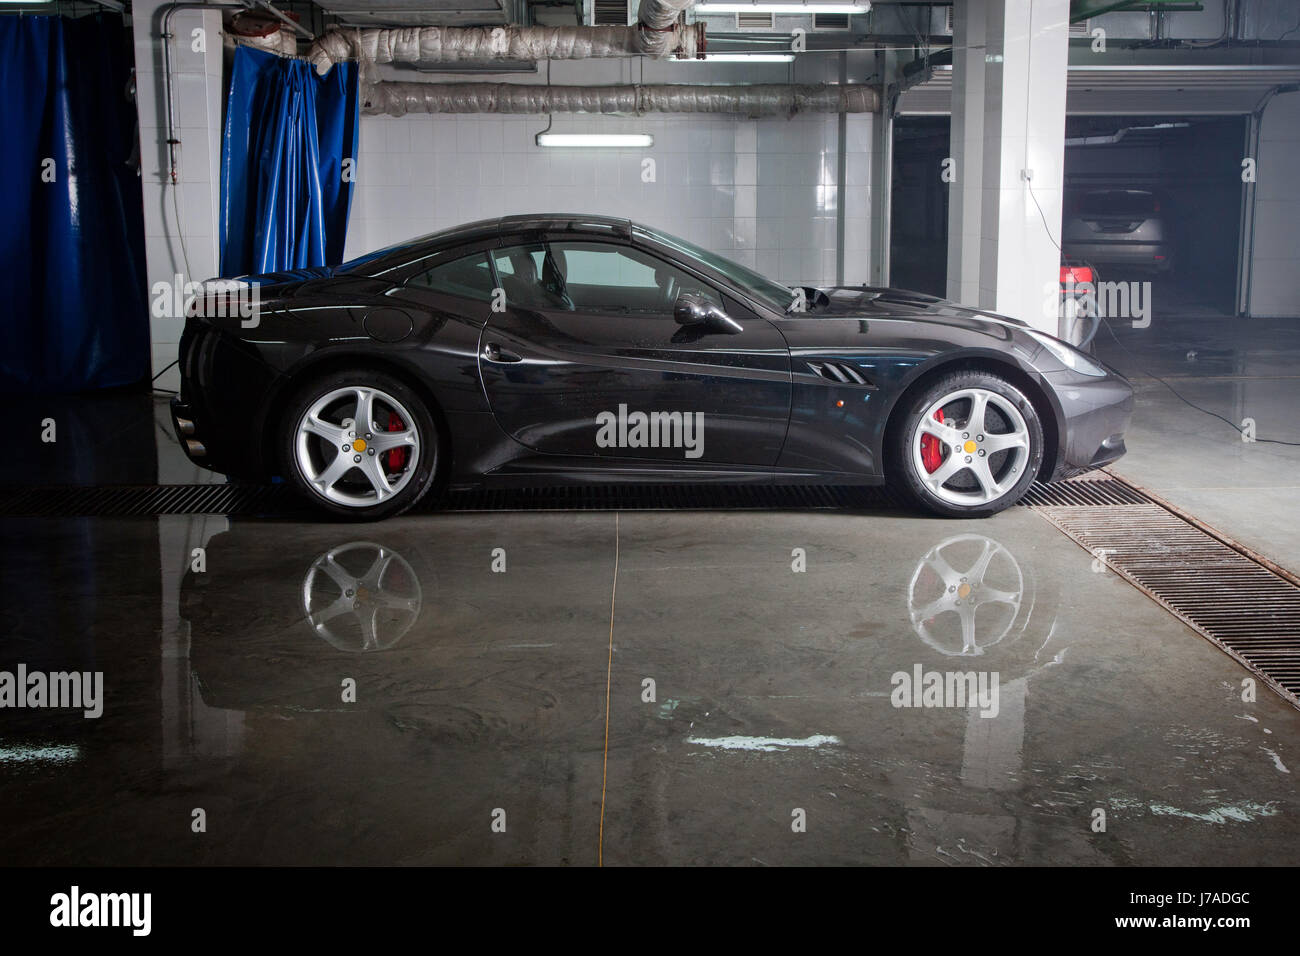 Black sportcar in car wash - Stock Image